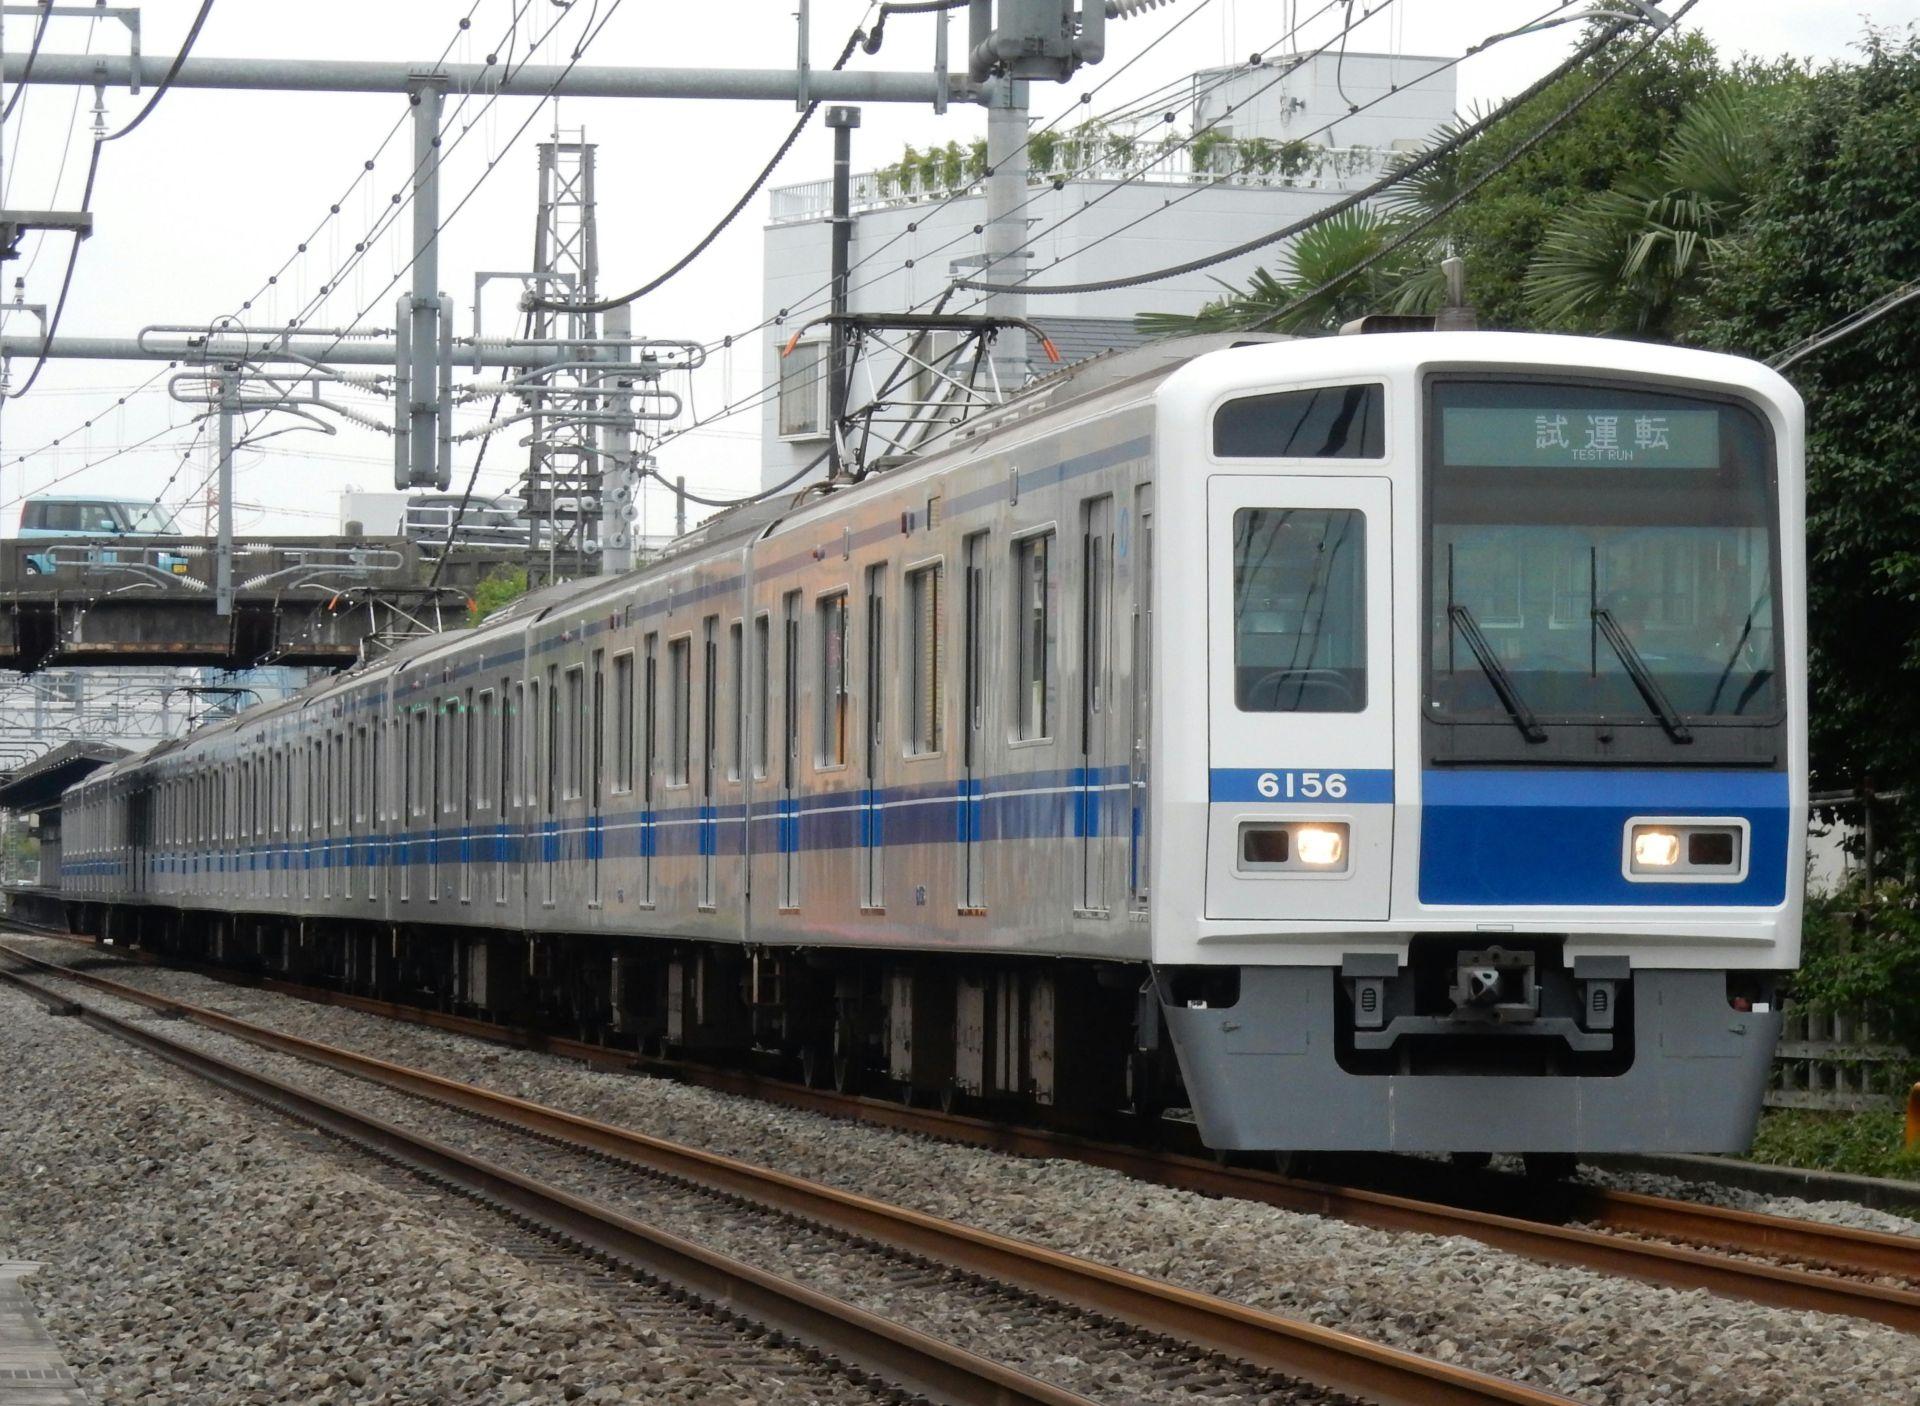 DSCN0994 - コピー